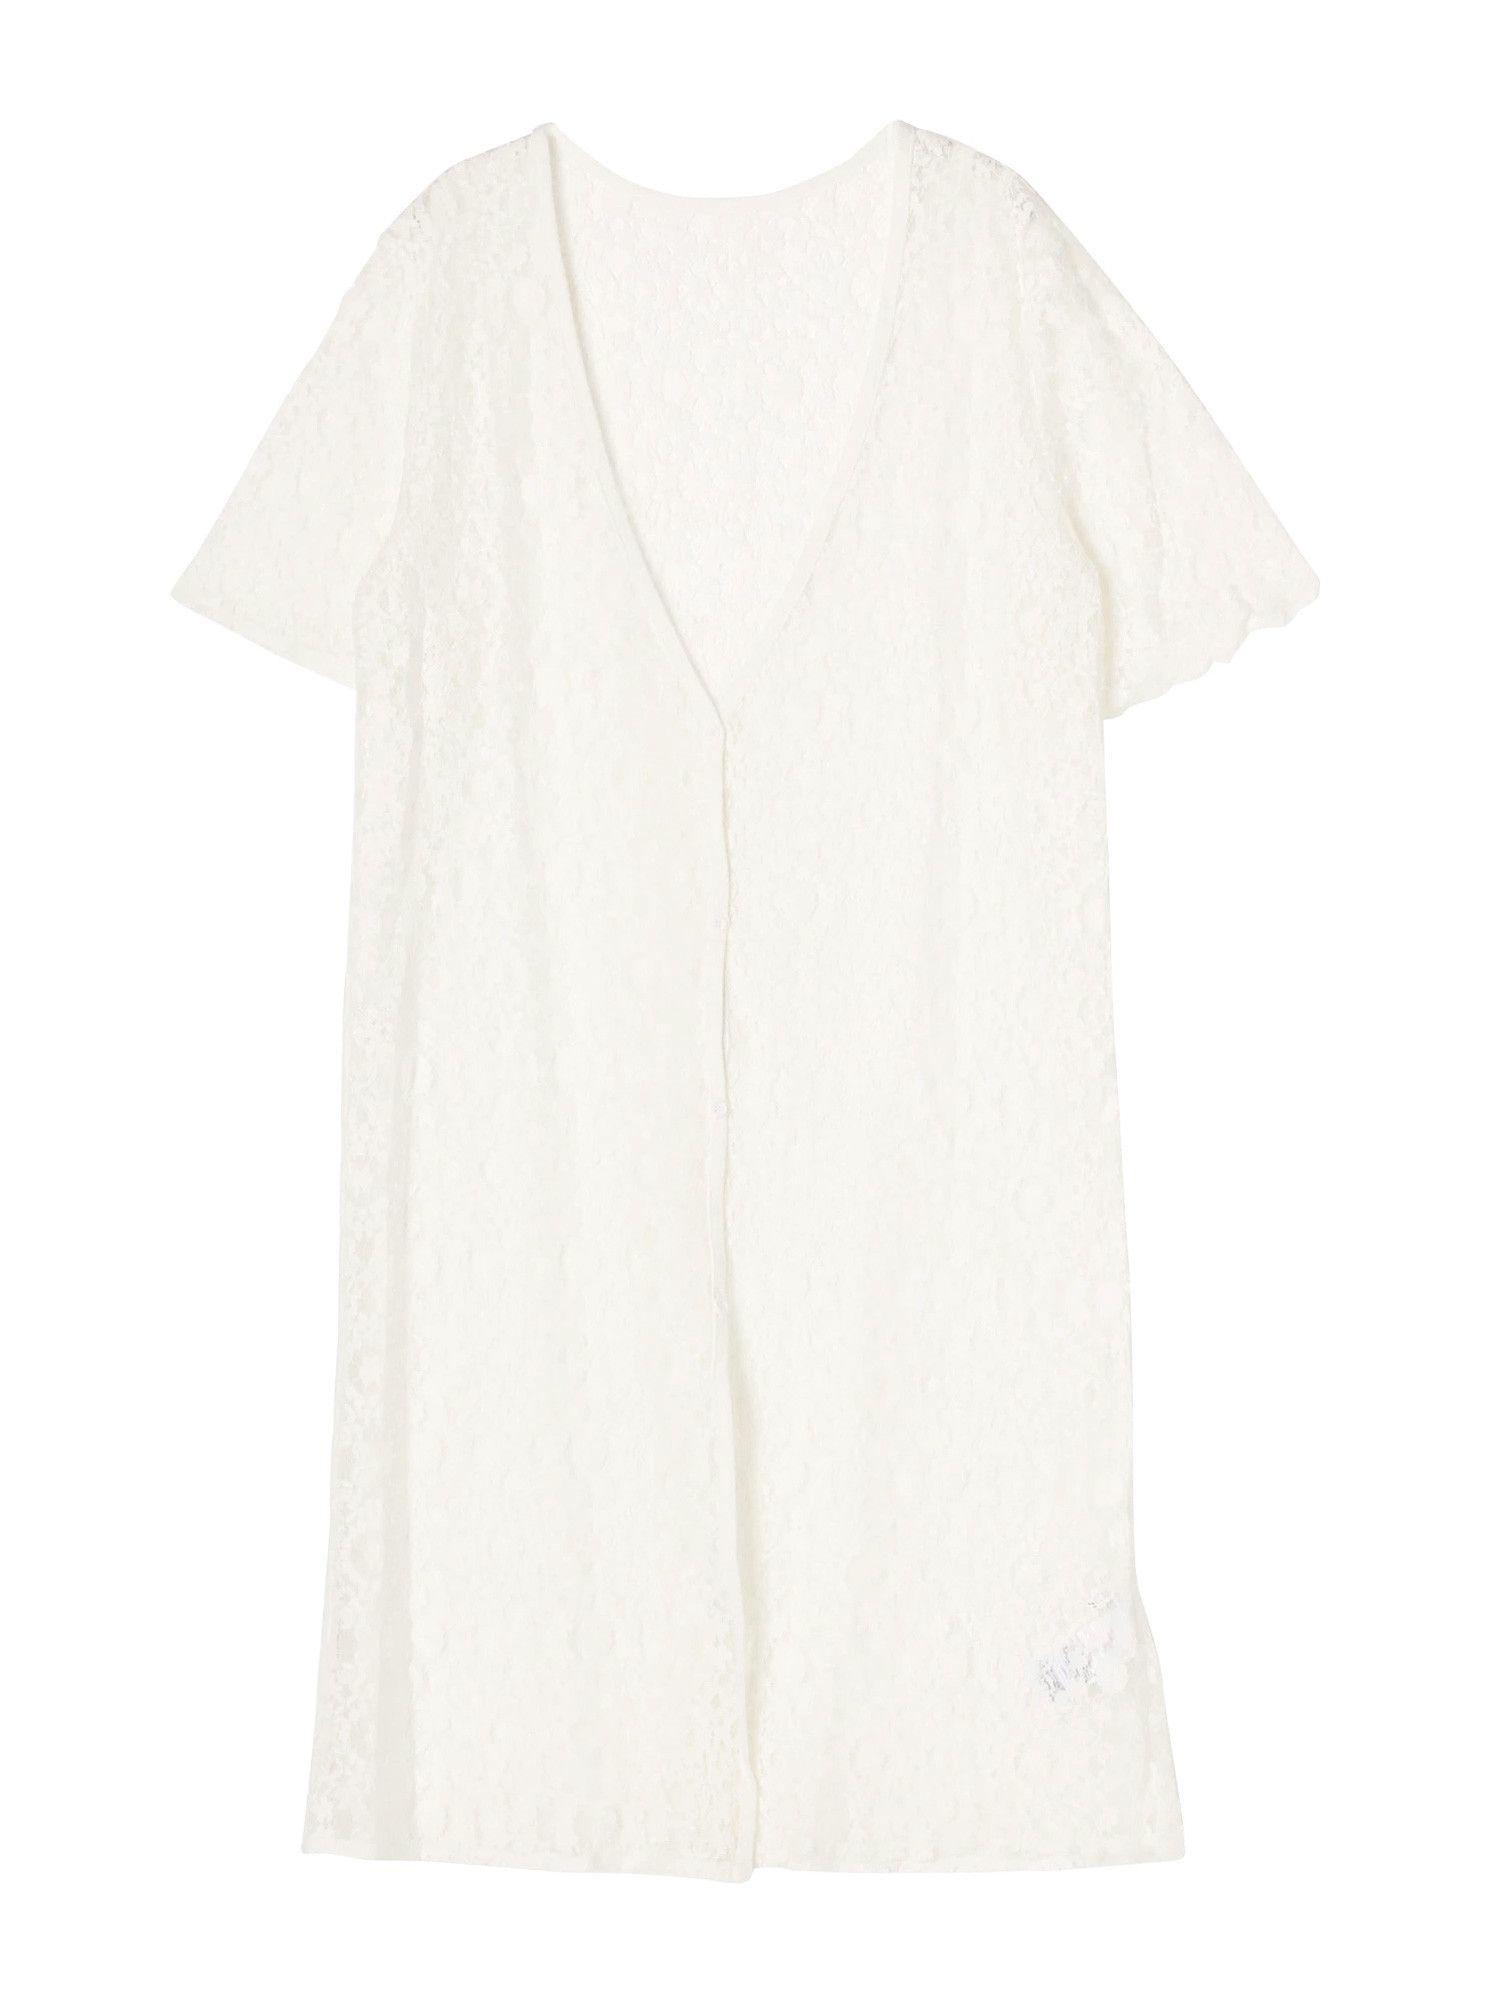 [休闲]无颜色长蕾丝衫